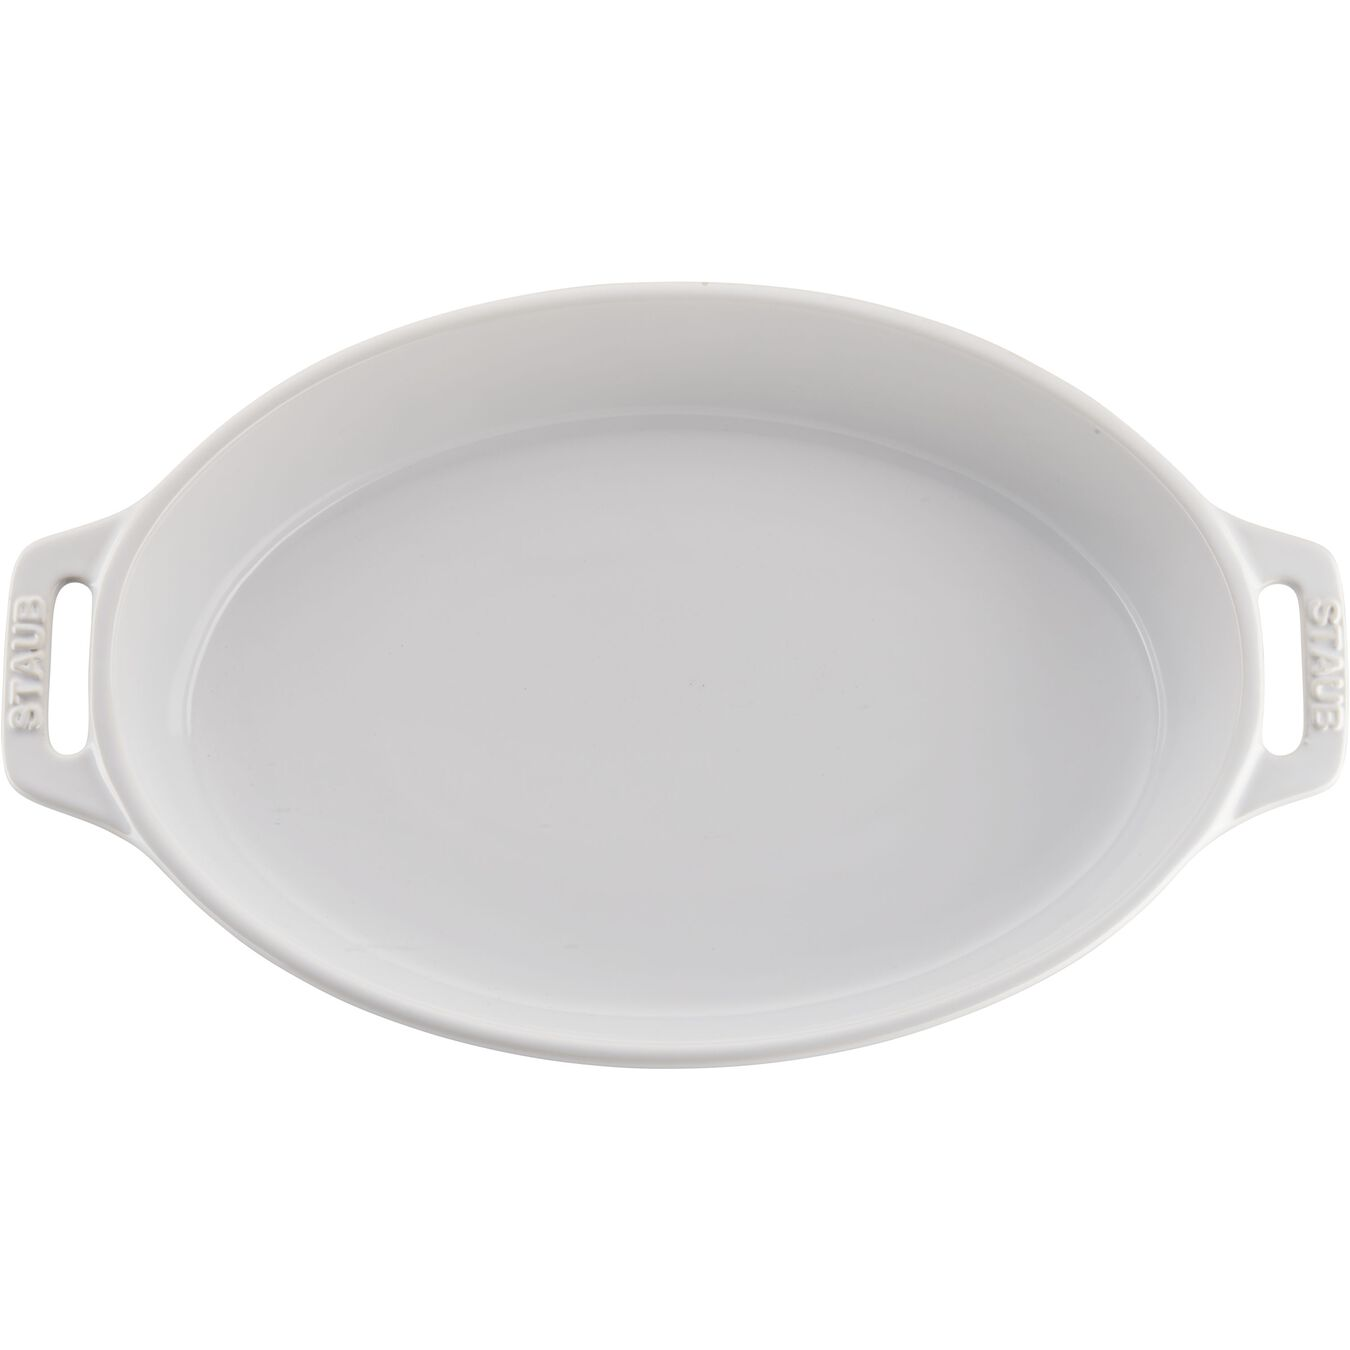 2-pc, oval, Baking Dish Set, white,,large 2